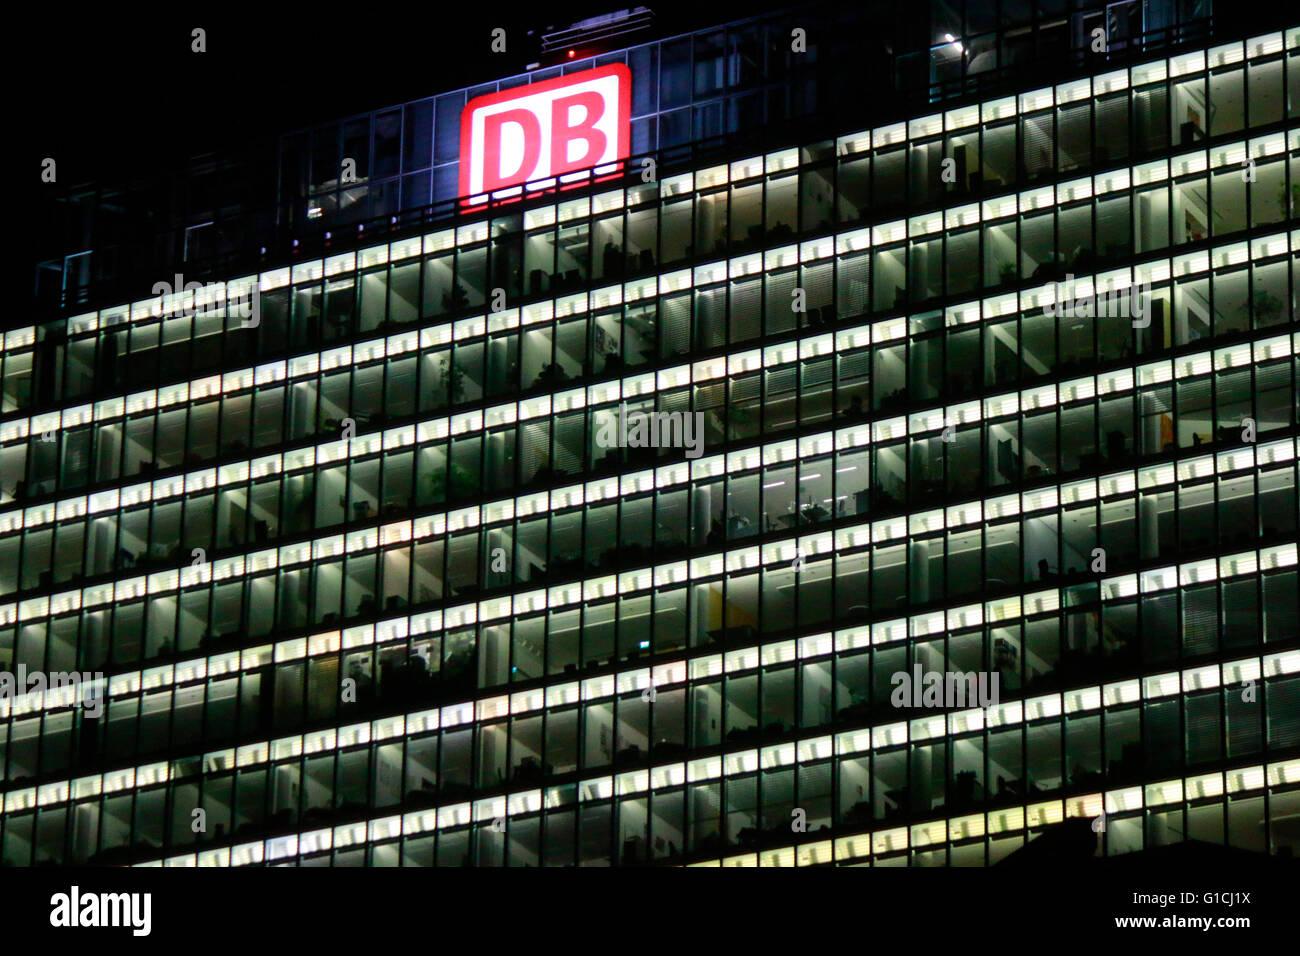 """Das Logo der Marken """"Db Deutsche Bahn"""", Berlin. Stockbild"""